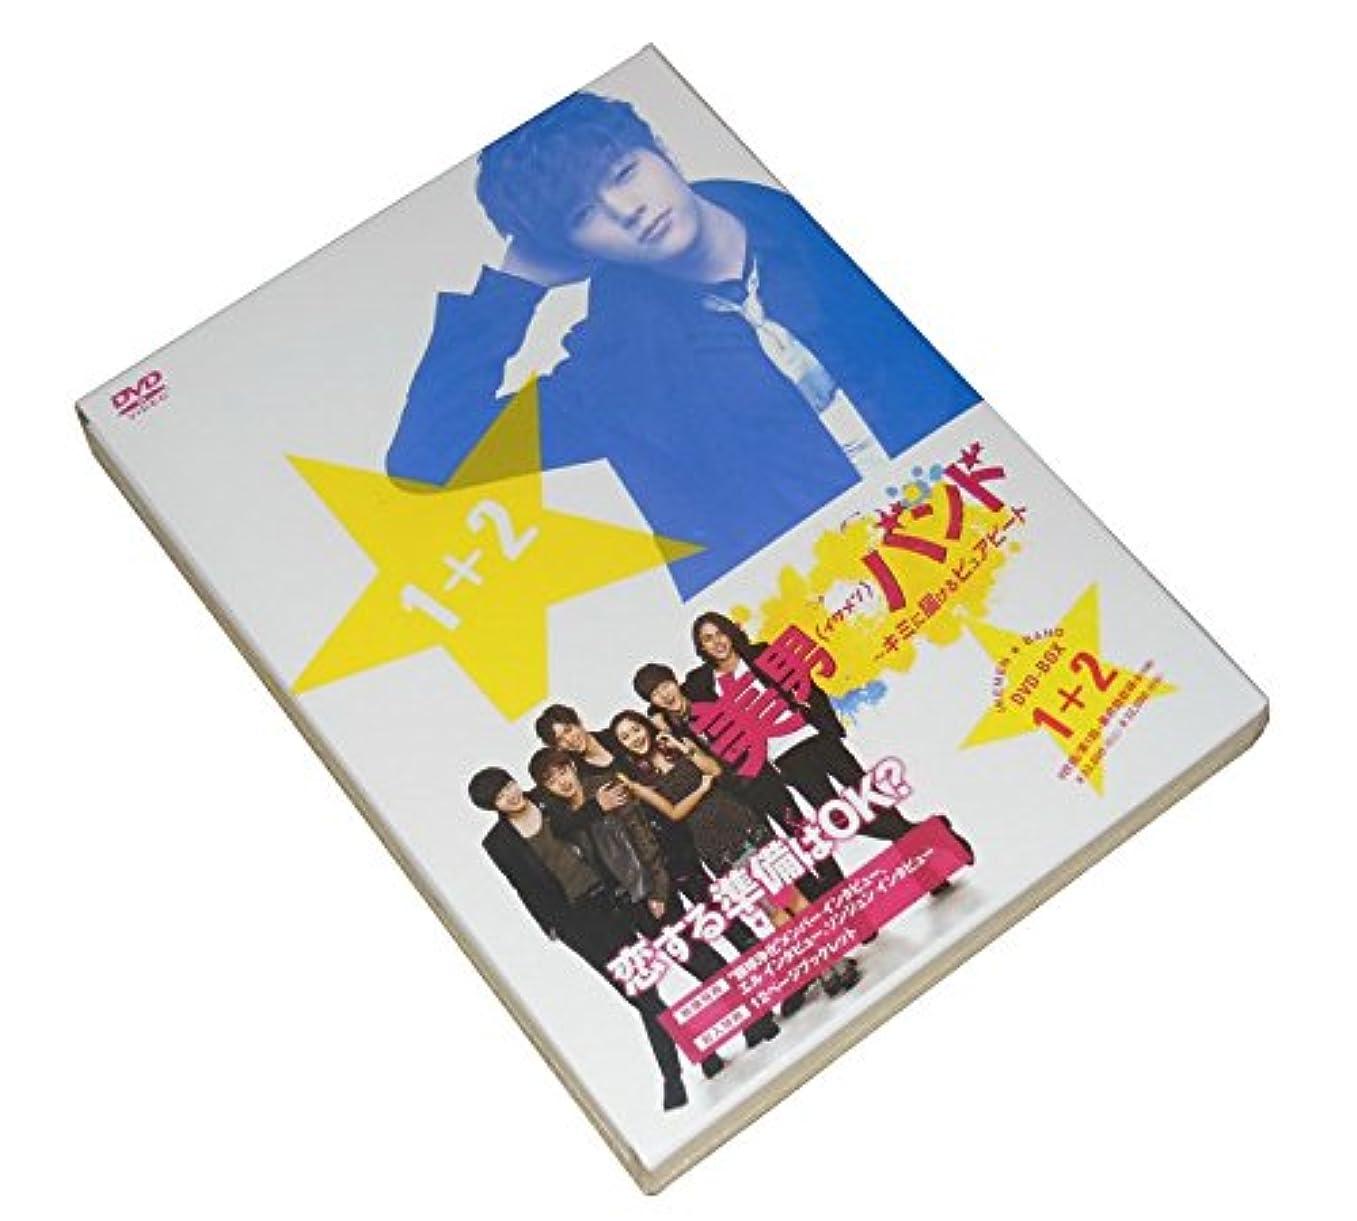 肥沃なイブニング口実美男 イケメン バンド ~キミに届けるピュアビート BOX1+3 2012 主演: イ?ミンギ